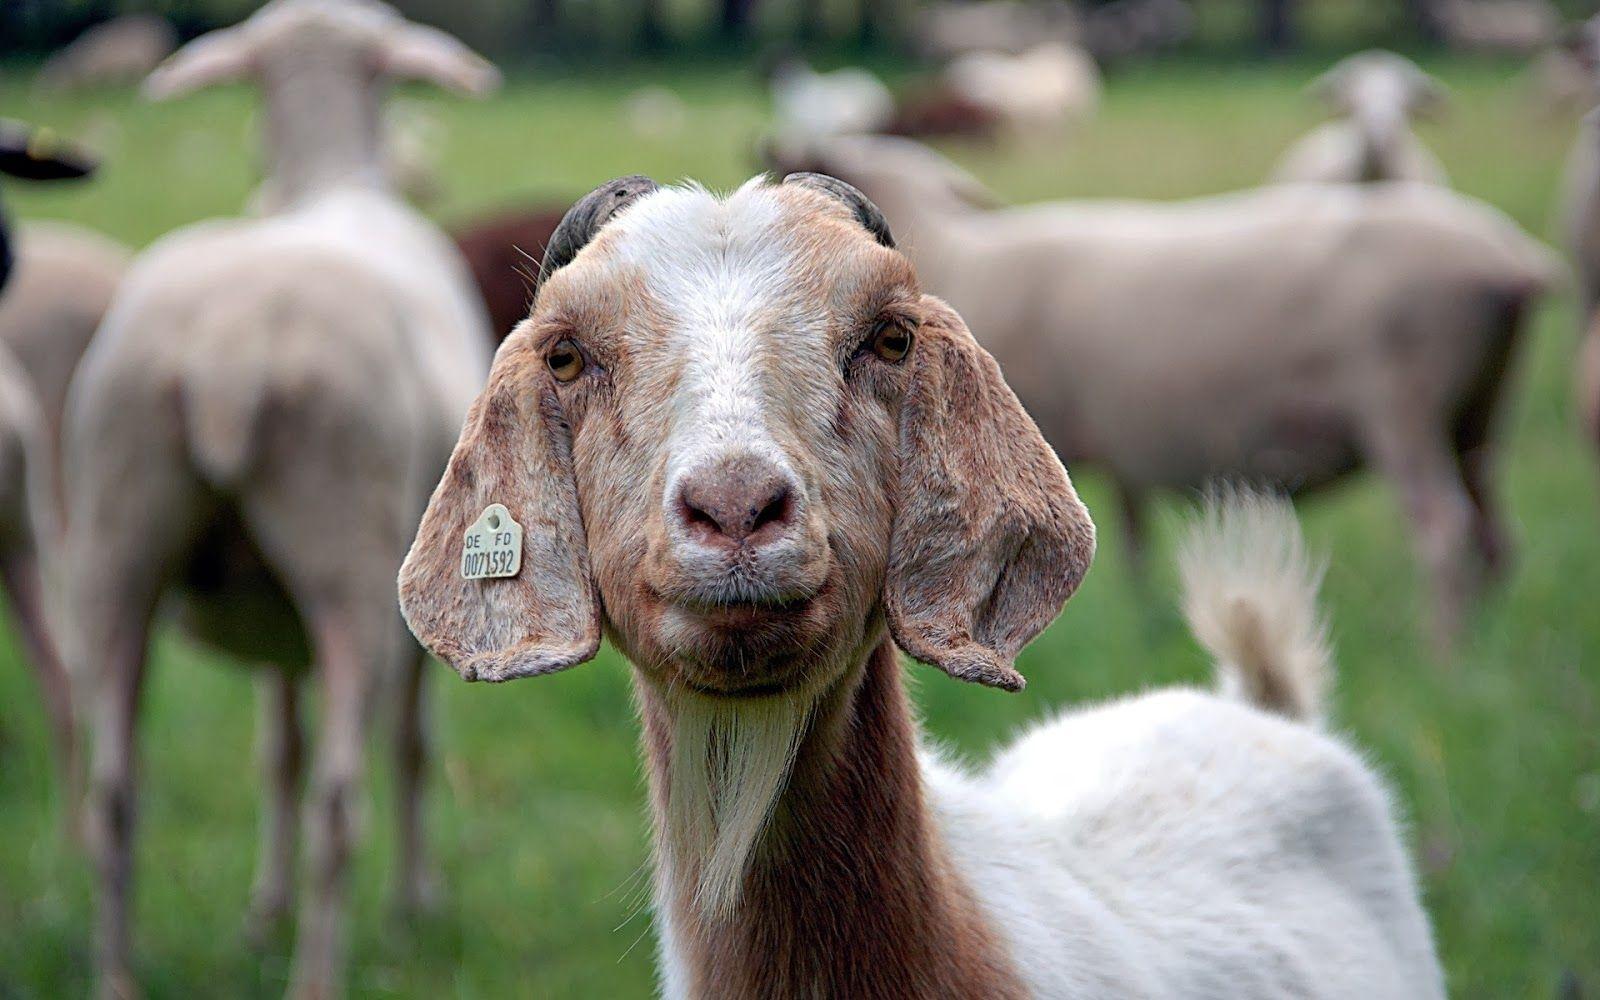 صور حيوانات نتائج بحث صور ياهو Animals Image Image Search